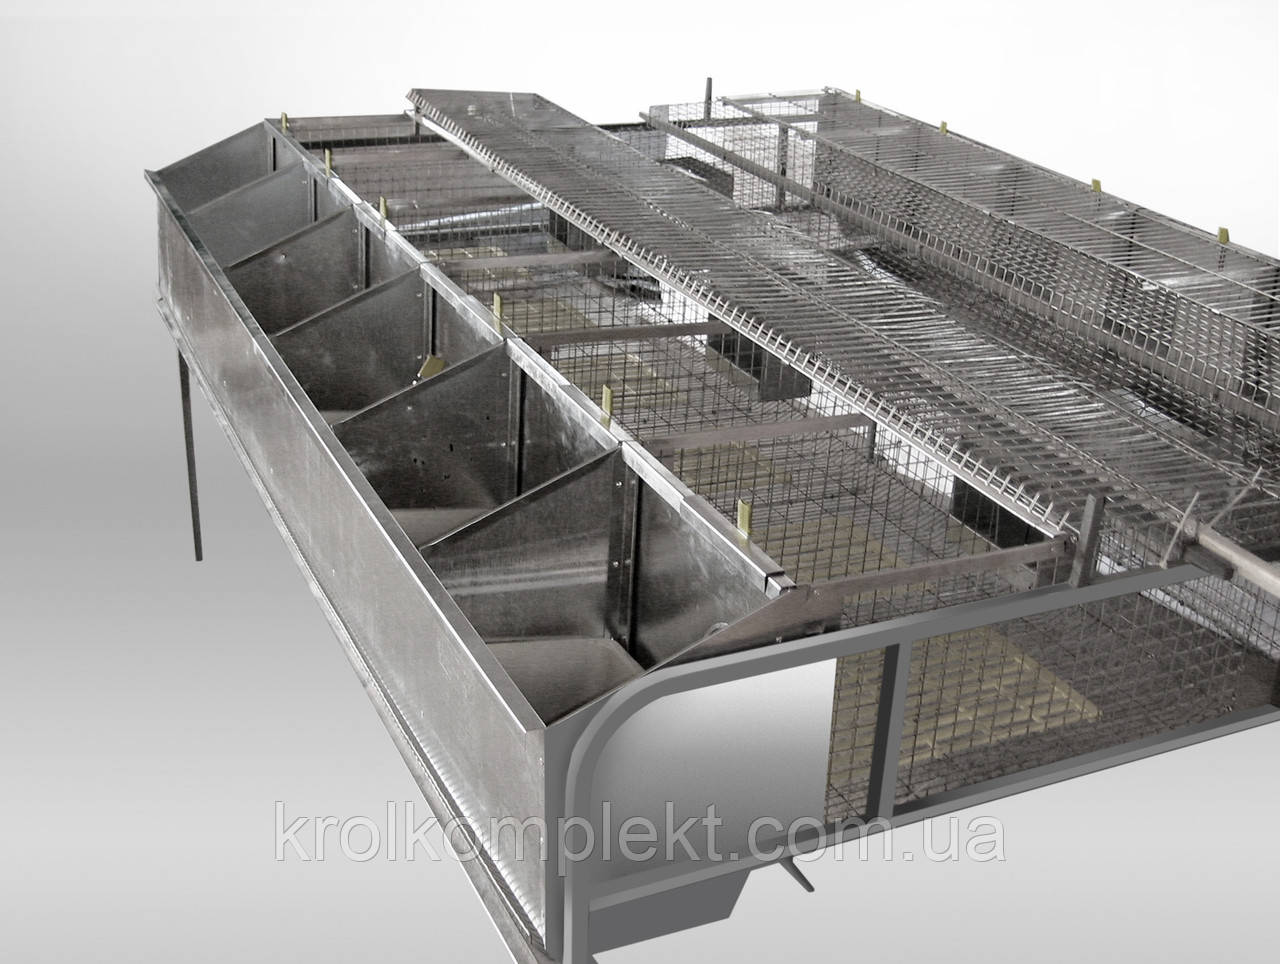 Клітка для кролів БМ - 2 Ф універсальна . - фото 6